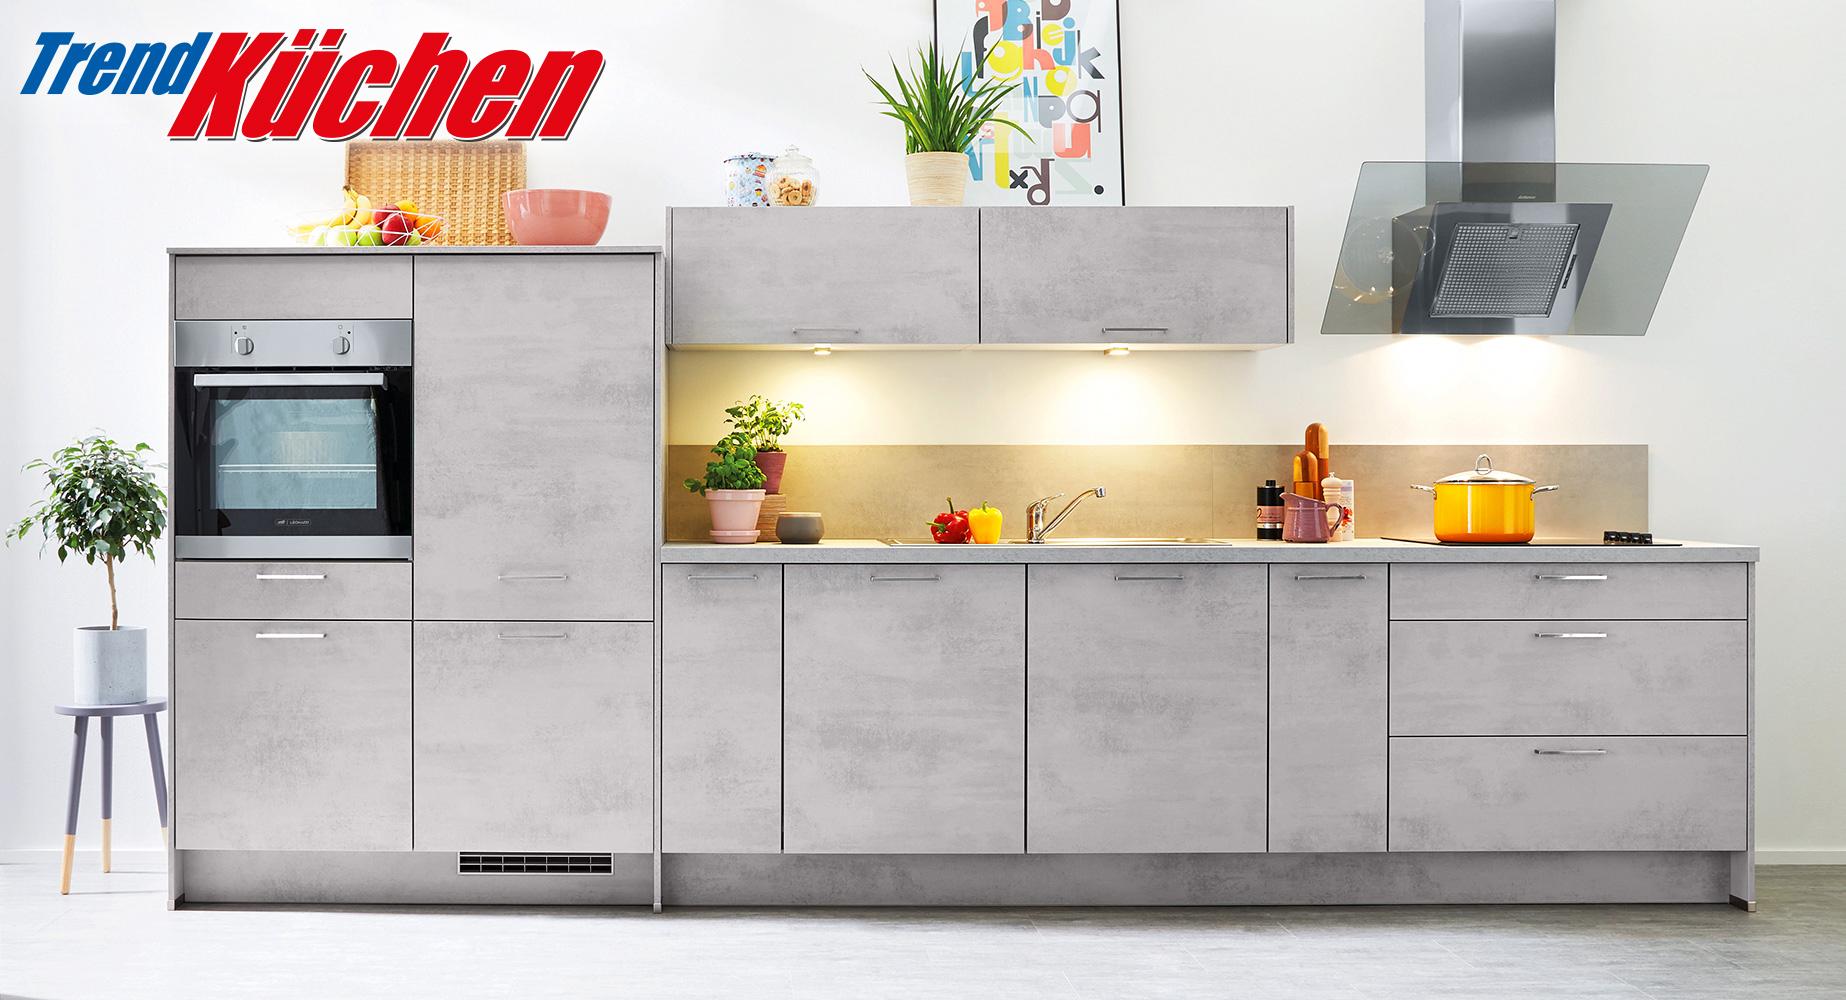 Großartig Küchen Brilon Ideen Von Moderne Küchen Ganz Individuell!